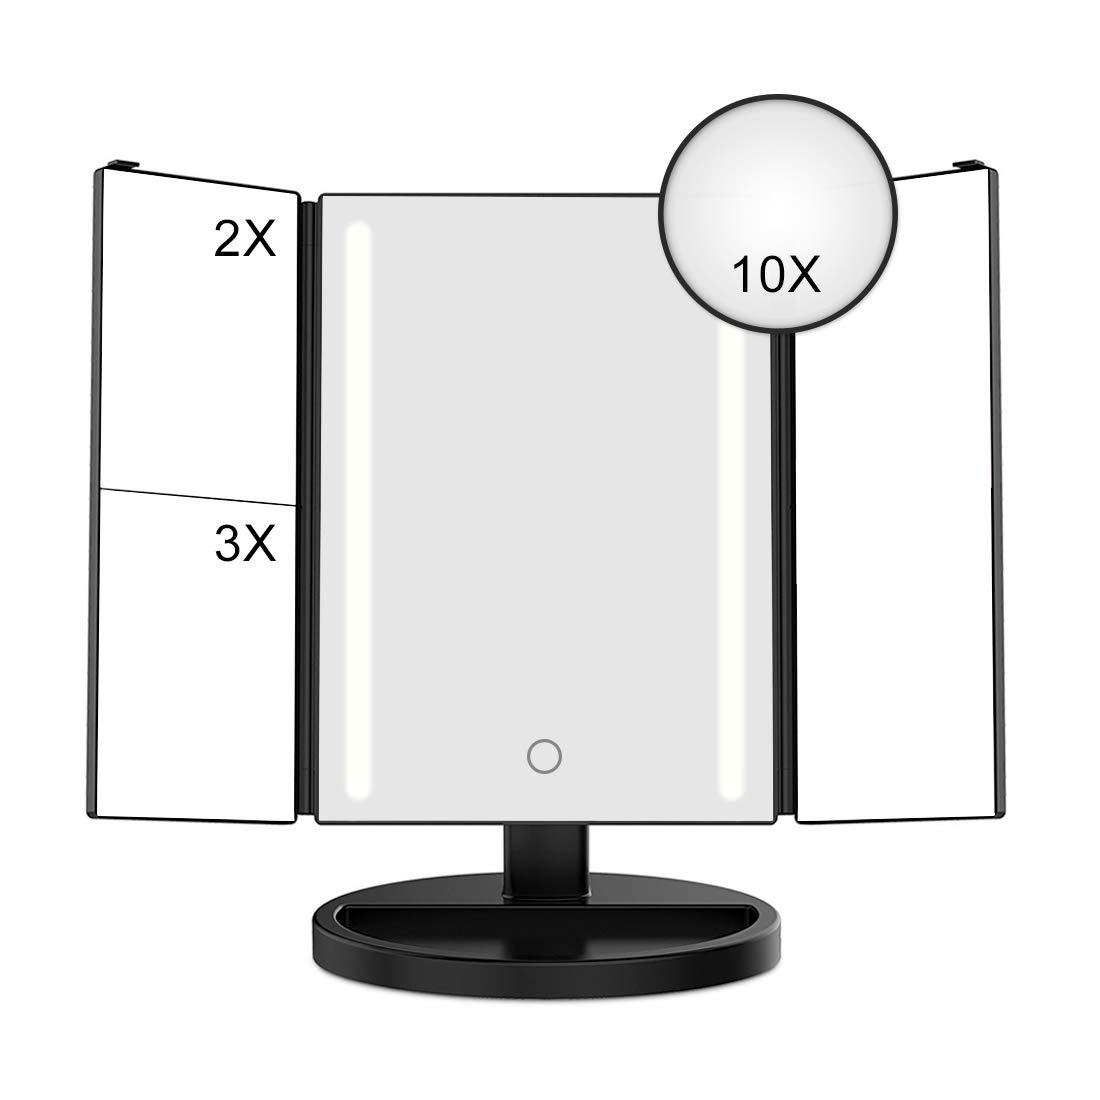 ARINO Miroir de maquillage éclairé Miroir de maquillage avec lumière miroir miroir de table pliante à 3Pages jusqu'à 10X de grossissement, orientable à 180° pour salon étude cosmétique Bain Noir